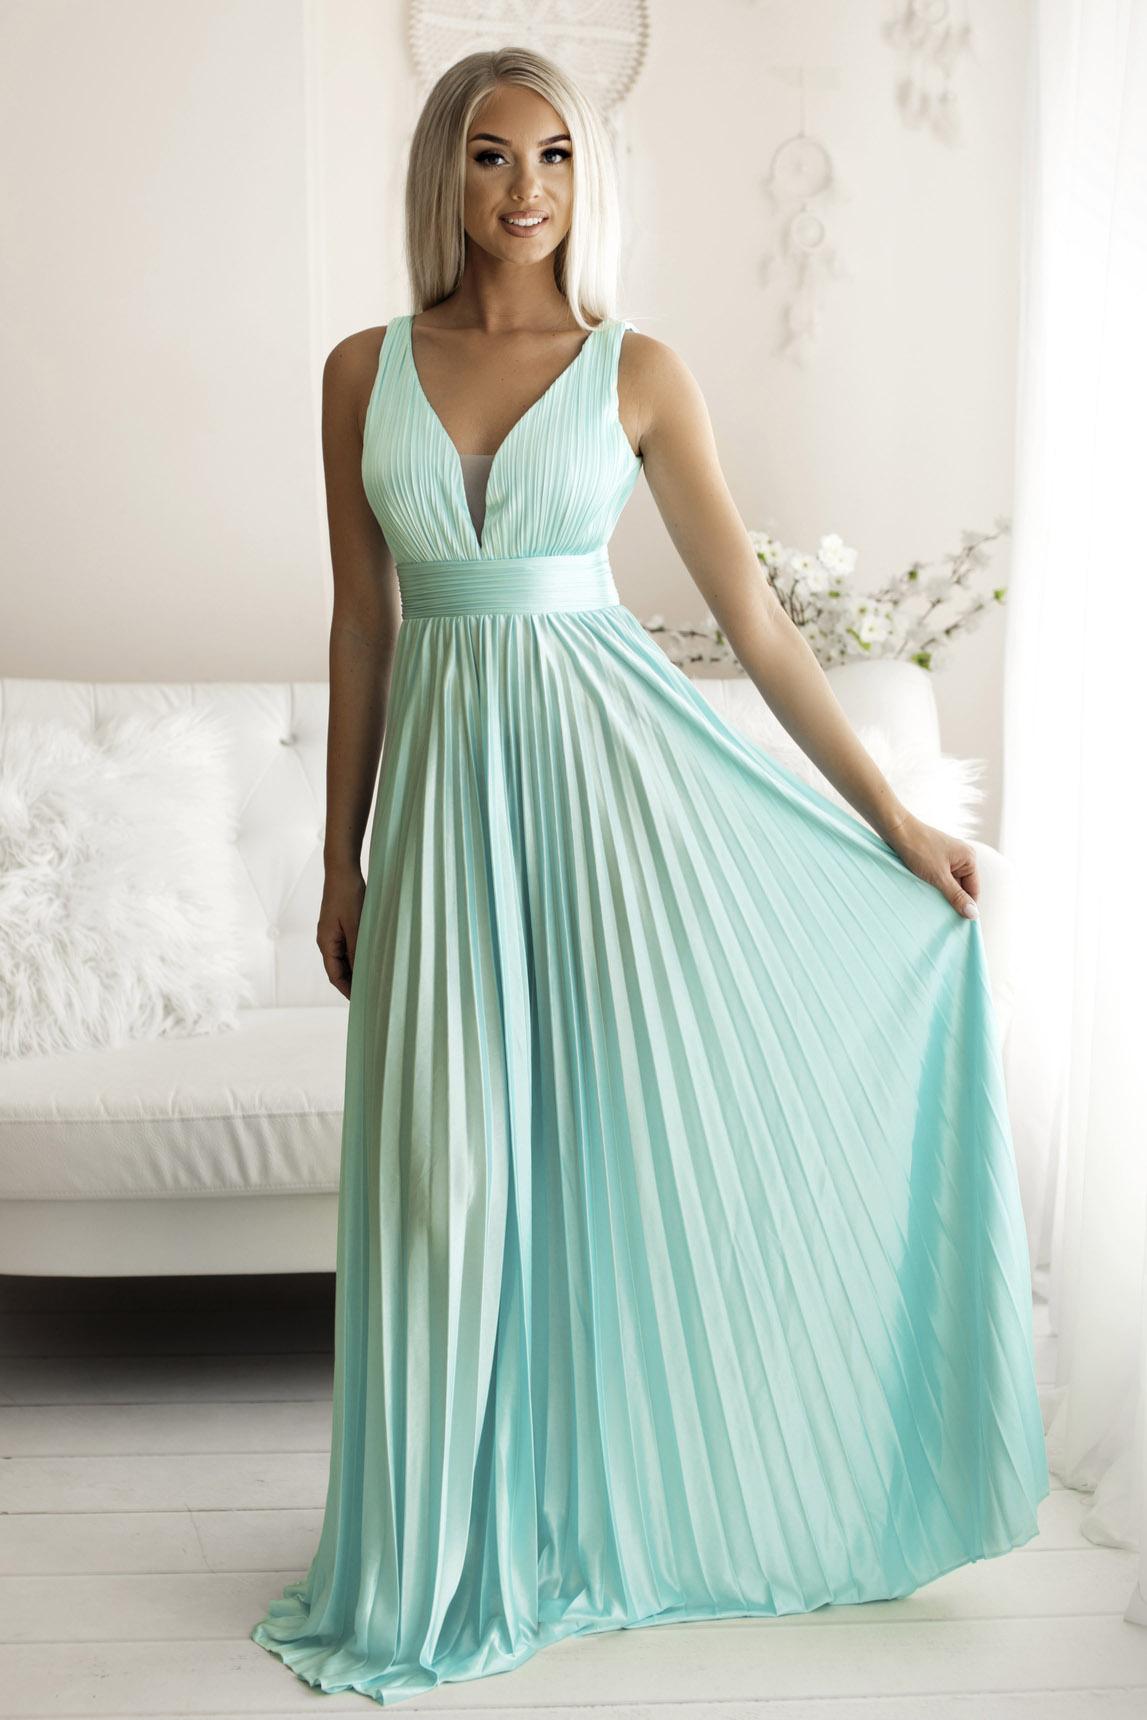 SENAT PLEATED  türkiis kleit